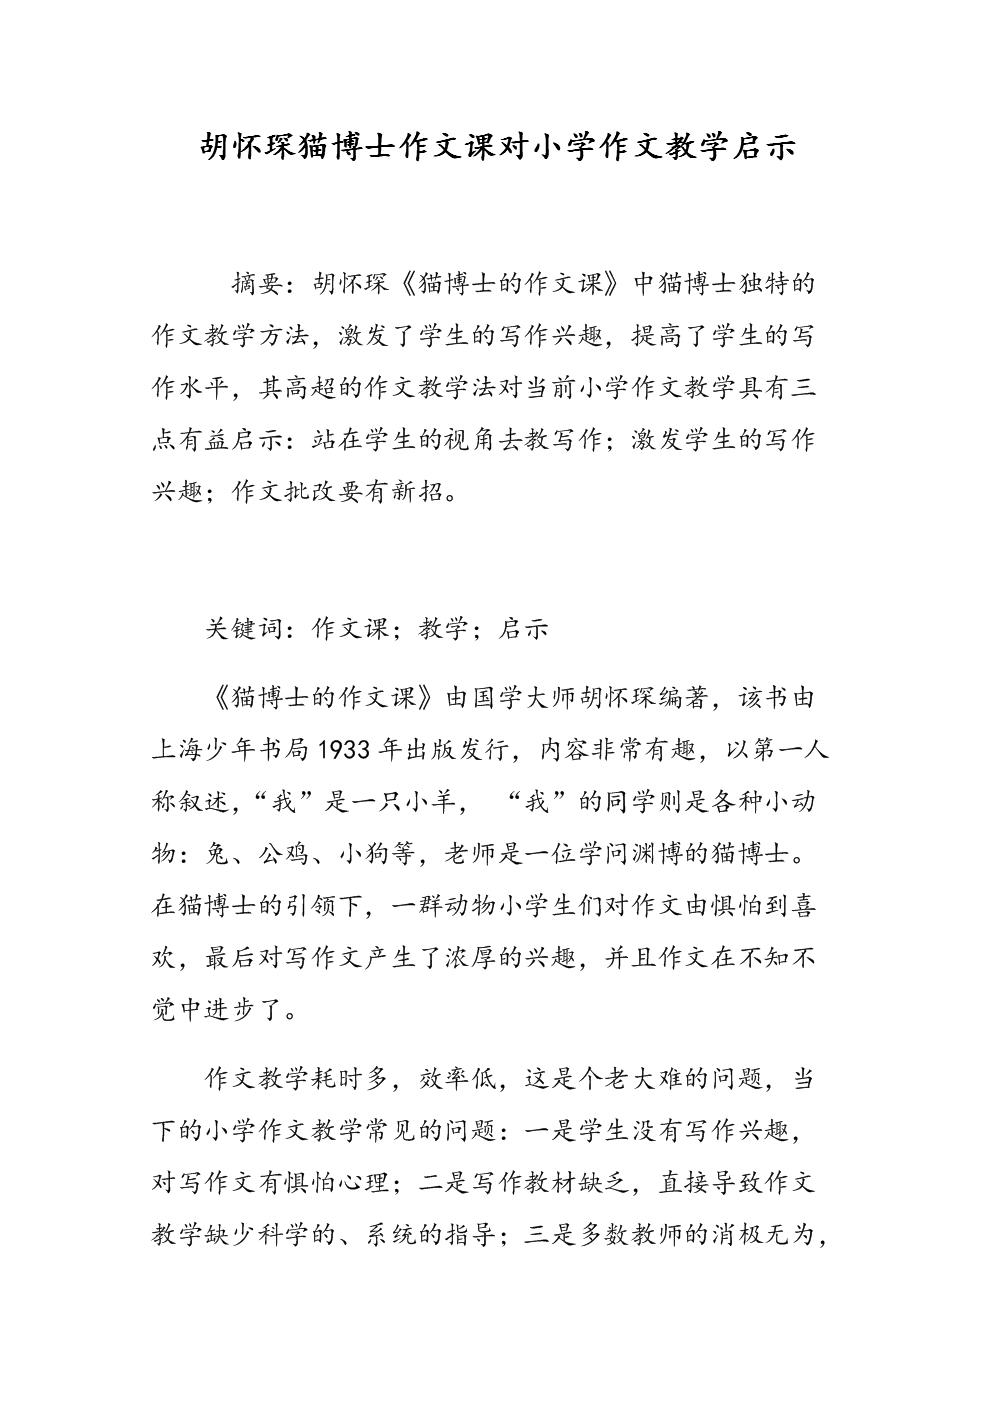 胡怀琛猫教学作文课对小学博士作文启示.doc小学实验河头镇图片